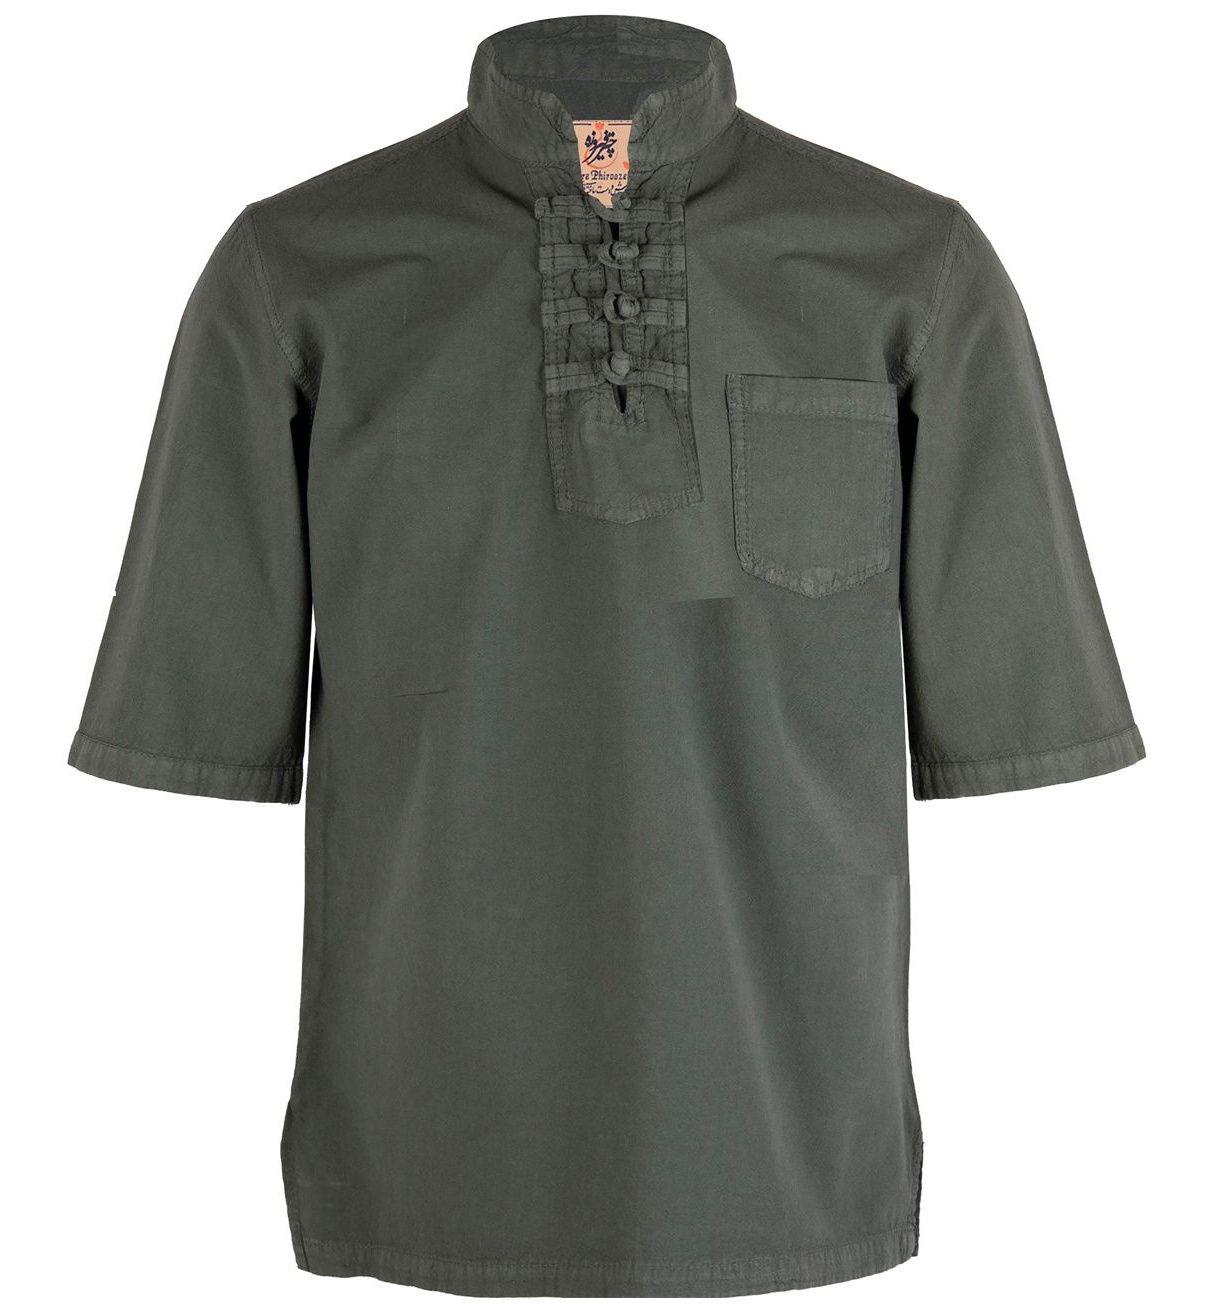 پیراهن مردانه چترفیروزه مدل چهارگره آستین کوتاه کد 6 main 1 1